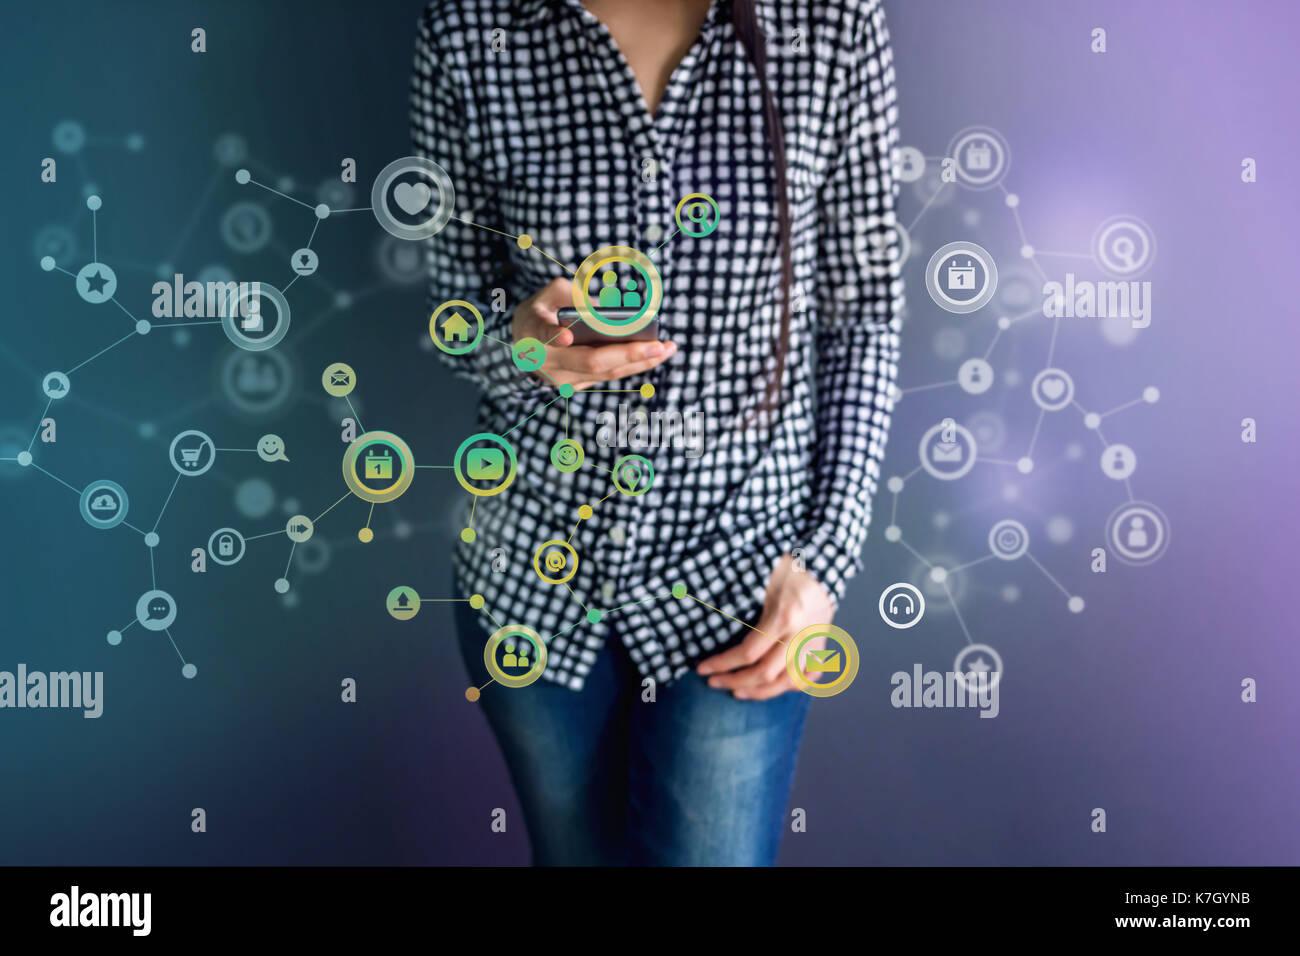 La tecnologia di comunicazione sulla vita quotidiana tramite smart phone concetto, social media o sistema di rete presente su blured hipster femmina e permanente enjoyin Immagini Stock